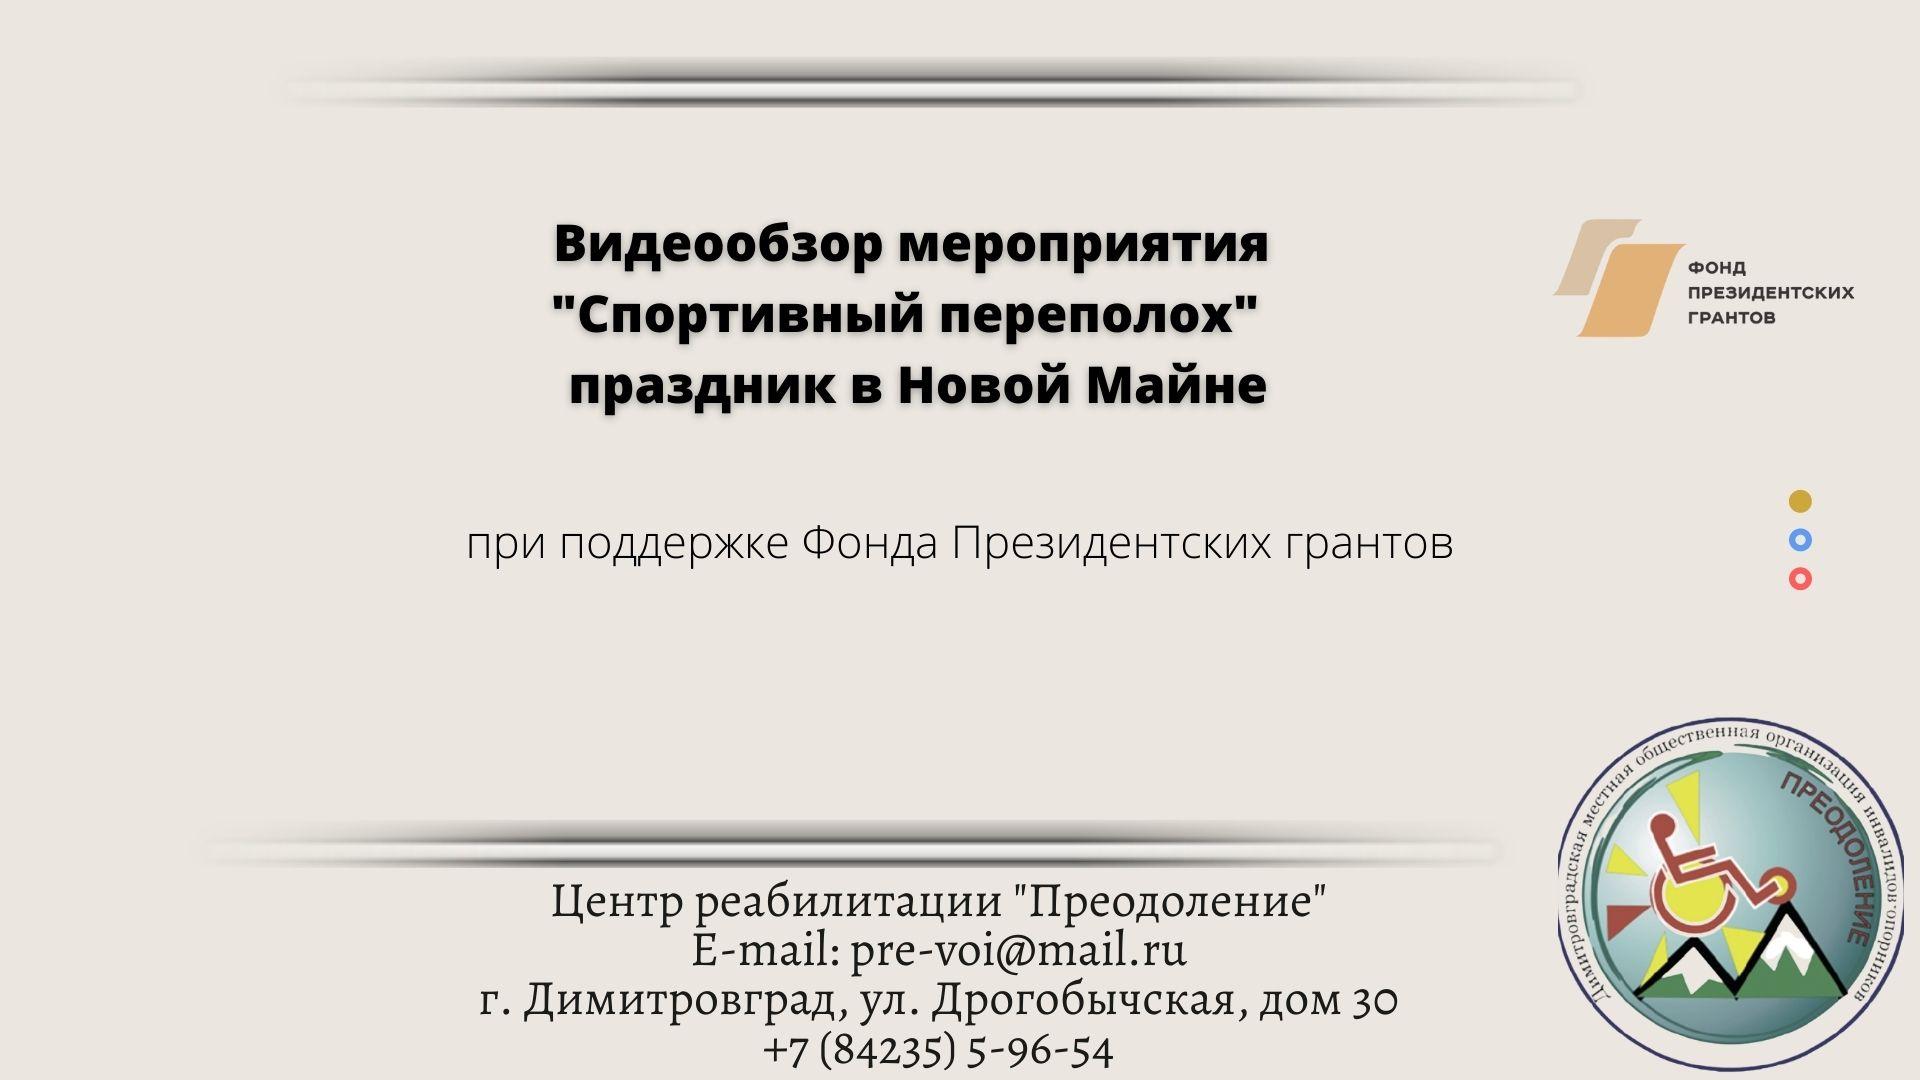 """Видеообзор мероприятия """"Спортивный переполох""""  праздник в Новой Майне"""